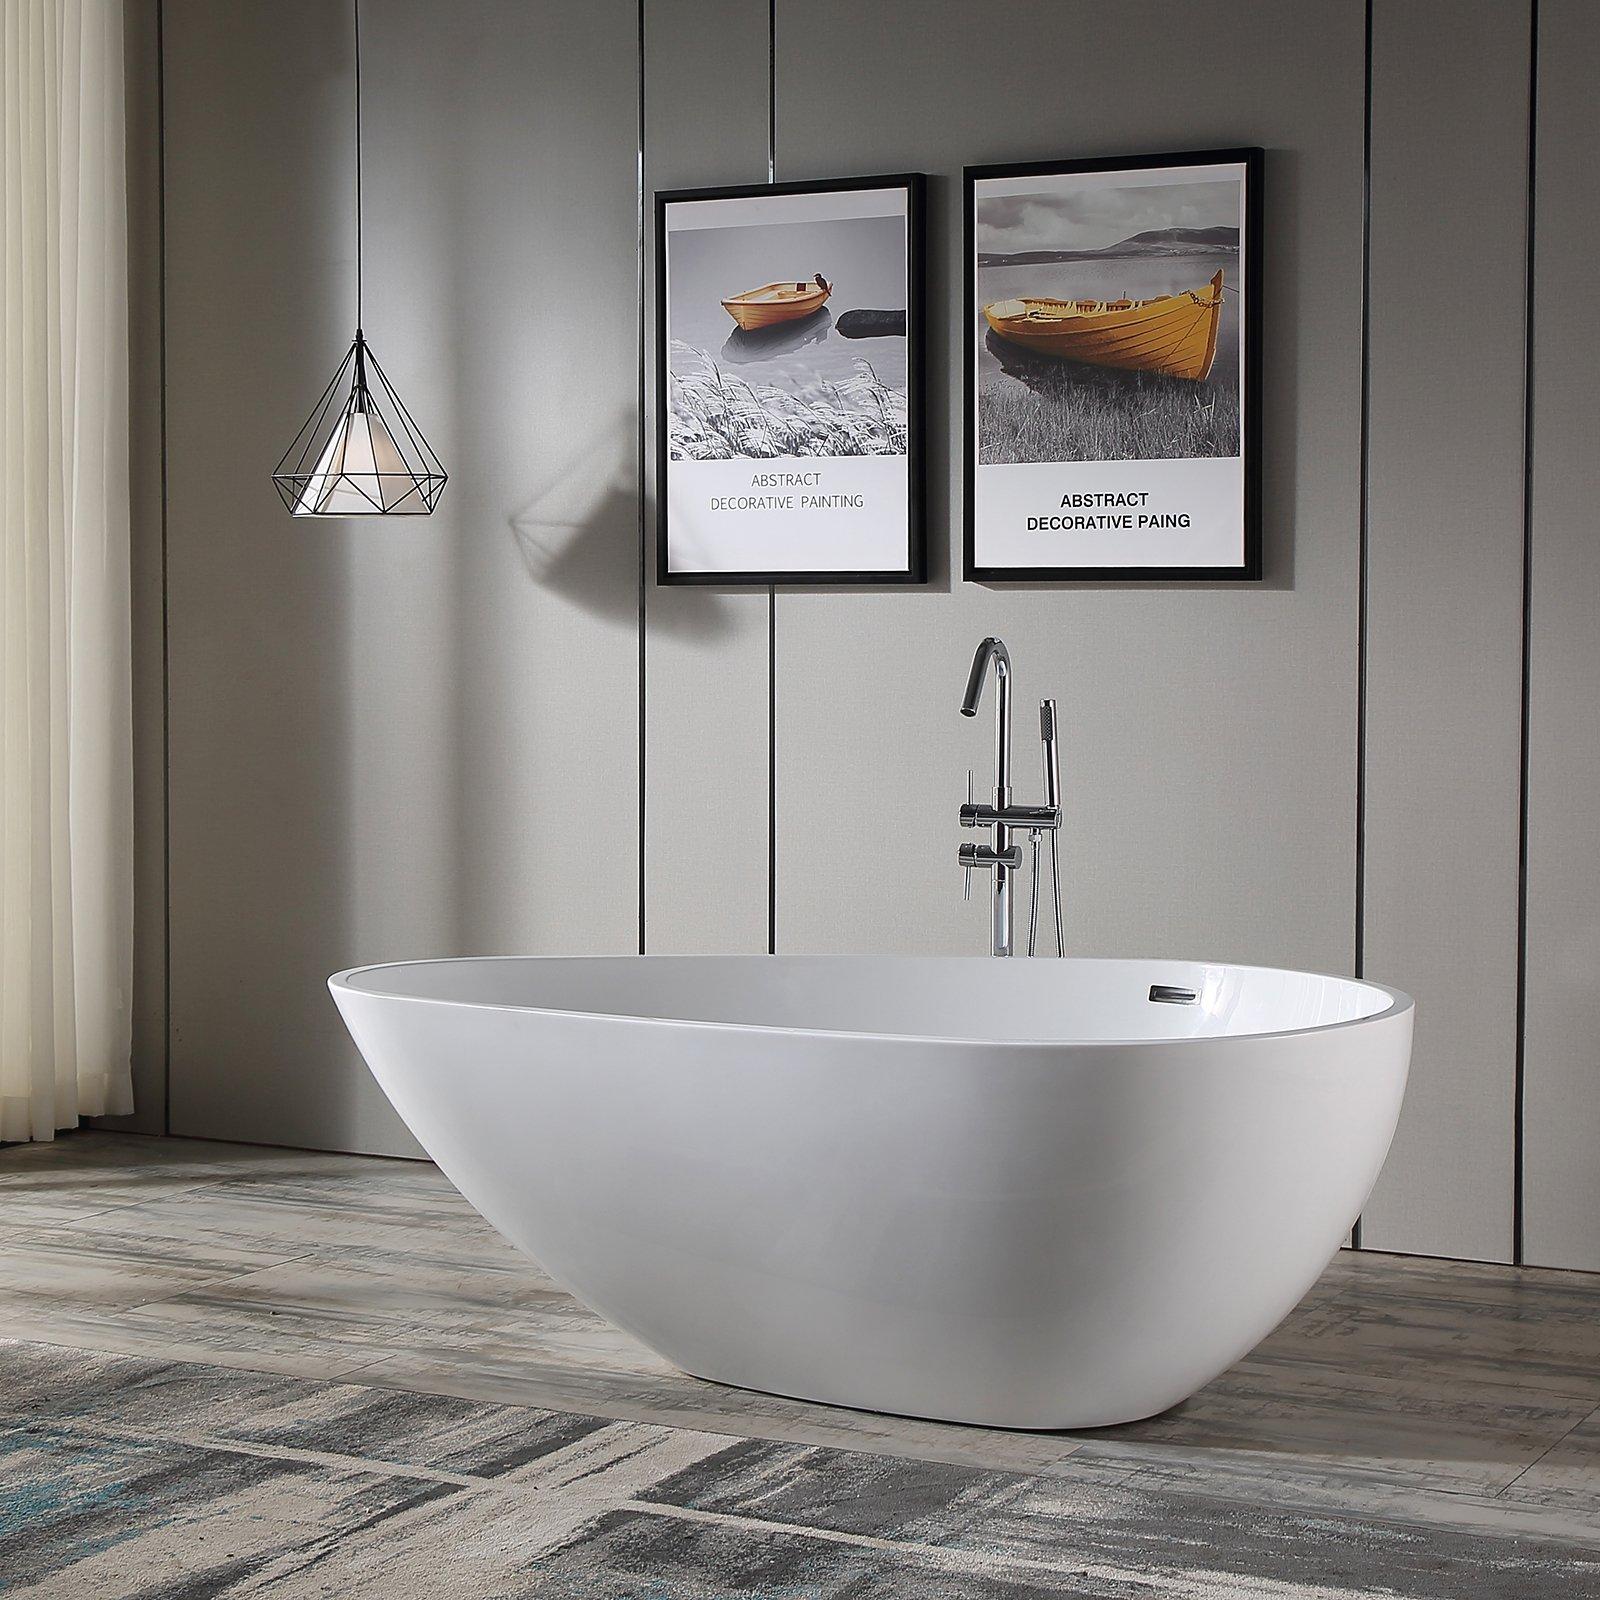 Freistehende Badewanne VENETO Acryl Weiß oder Schwarz/Weiß - Glänzend - 180 x 110 x 60 cm - Standarmatur wählbar zoom thumbnail 4